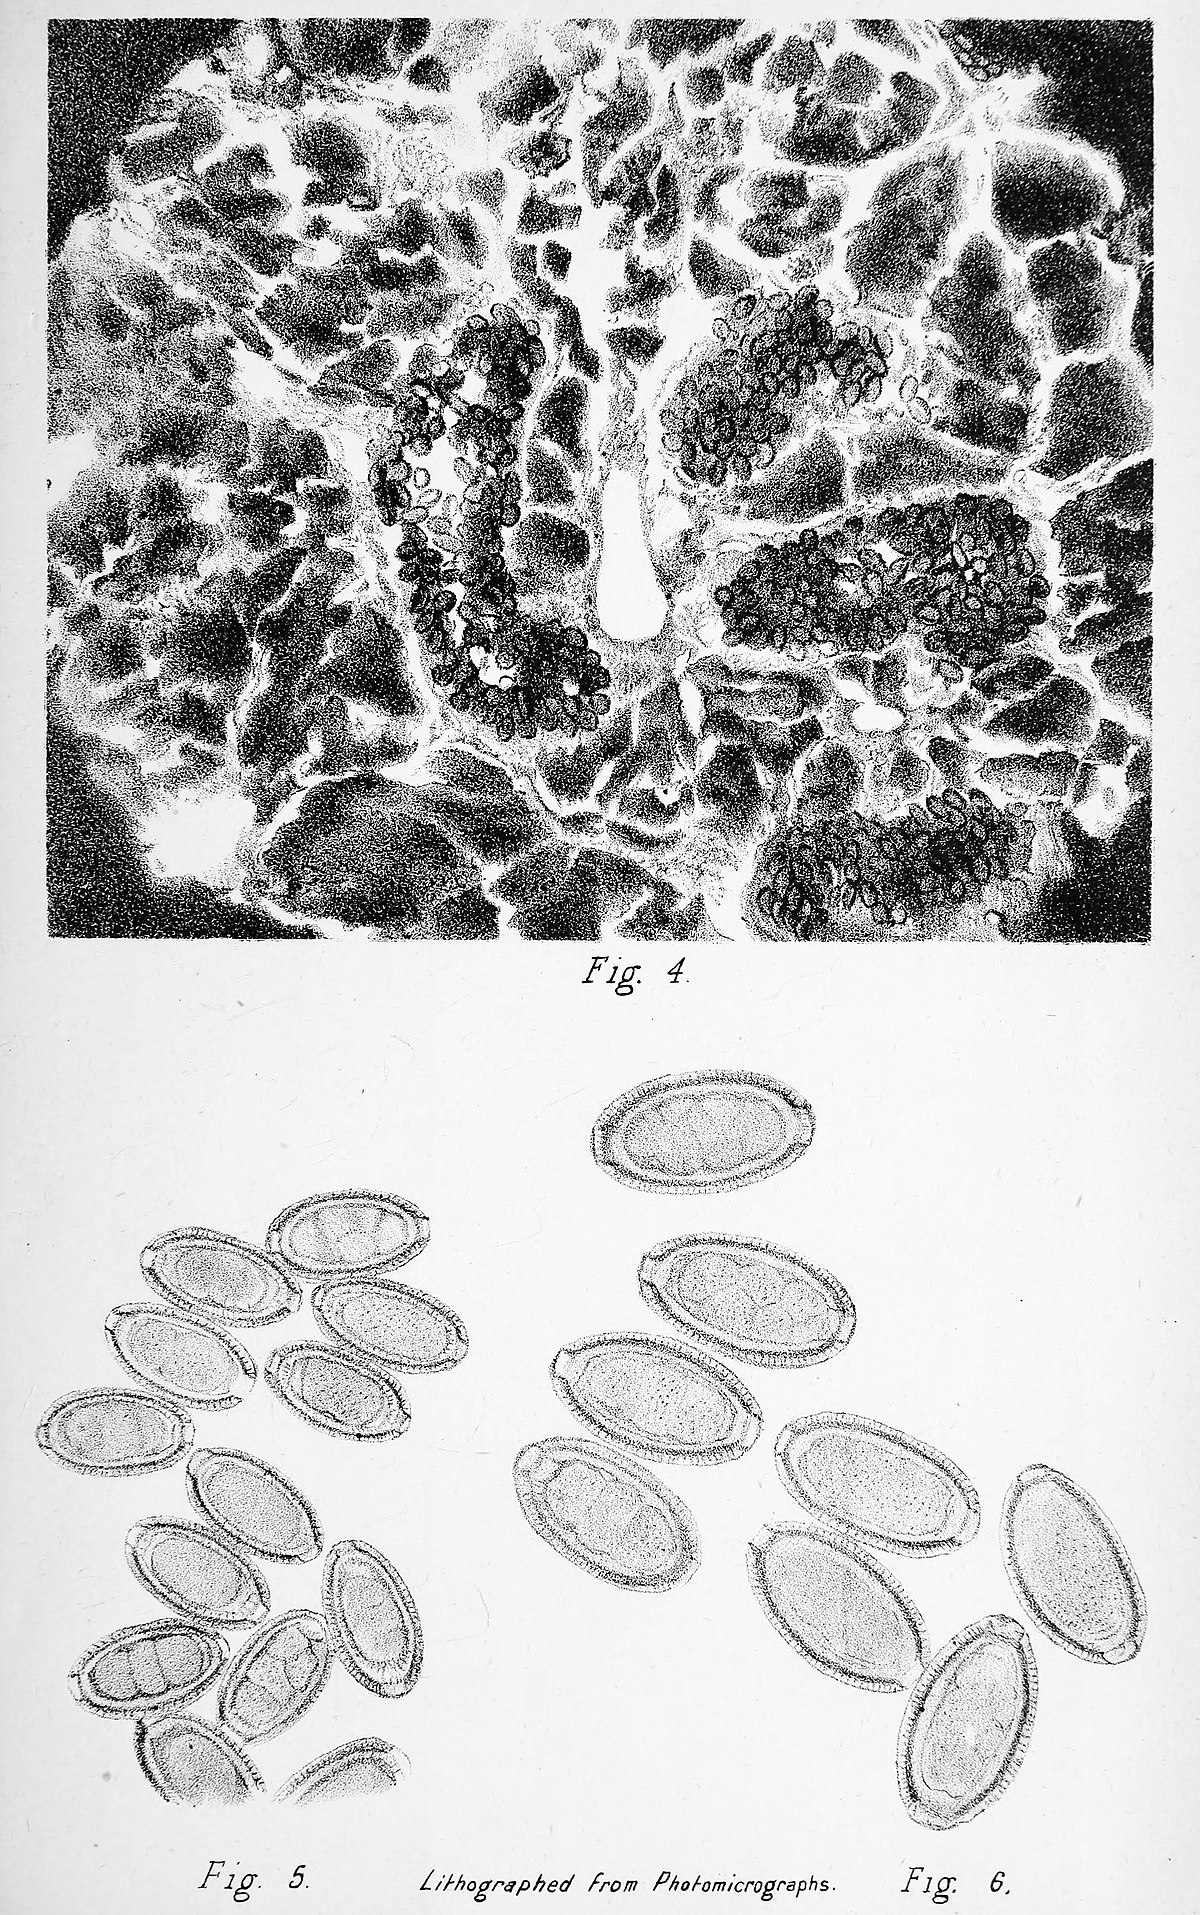 Cancer colon melena. Hemoragia digestivă inferioară – cauze, tratament